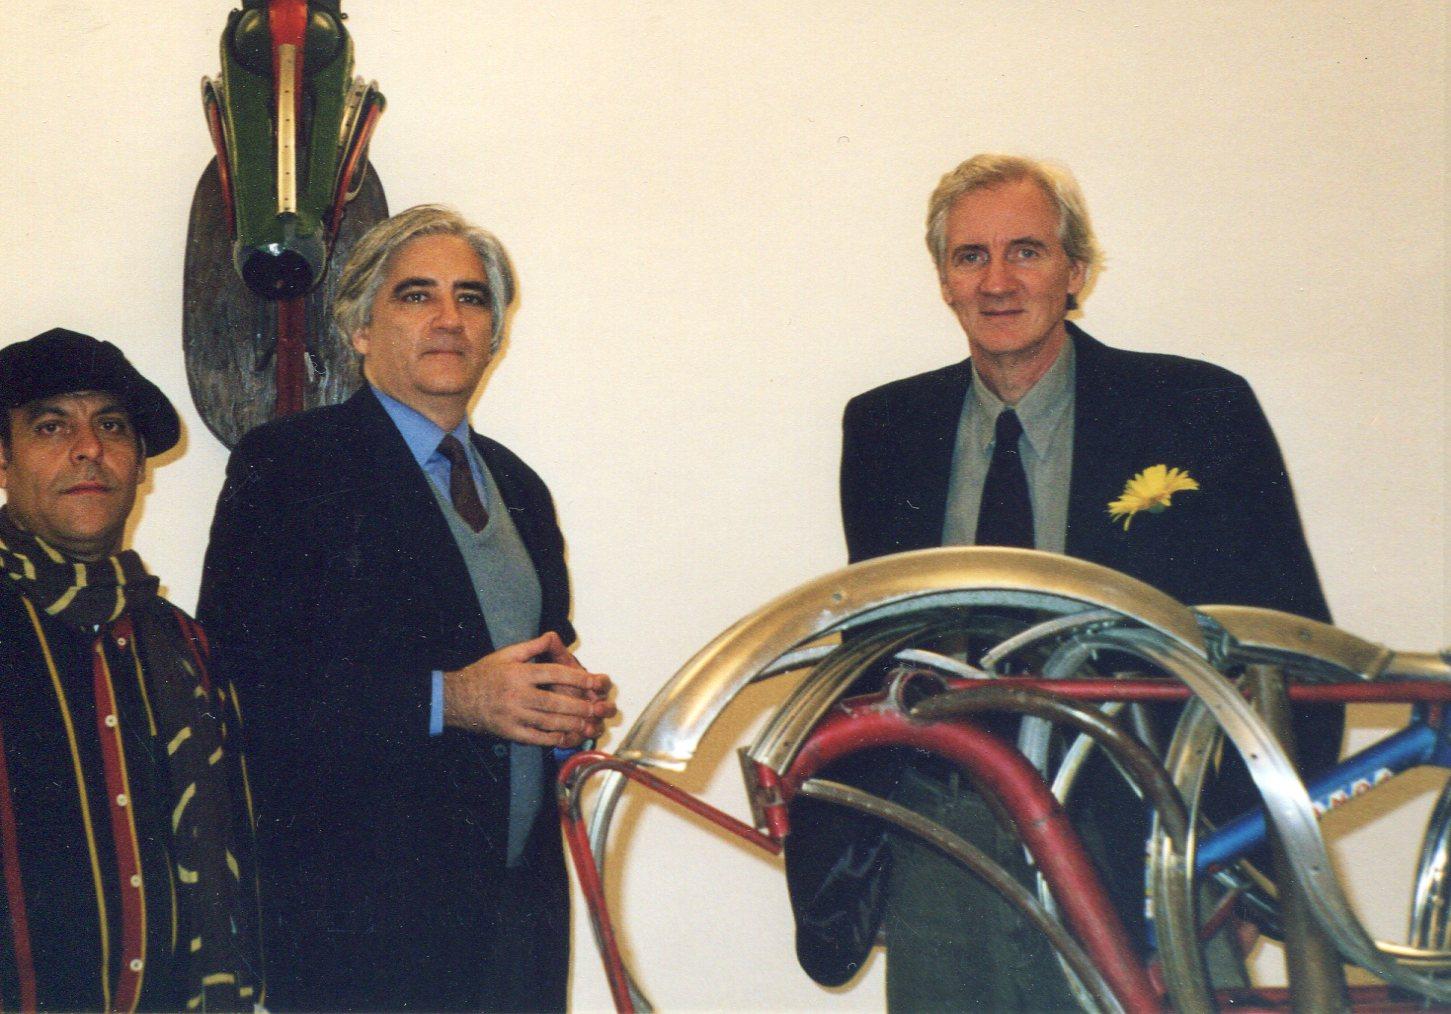 """Right to Left, Leonard Streckfus, curator Luigi Sansone and artist Salvatore Cuschera at the opening of """"Leonard Streckfus: l'artista del' gran rifiuto,"""" Galleria Solaria Arte, Piacenza, Italy, 2002."""